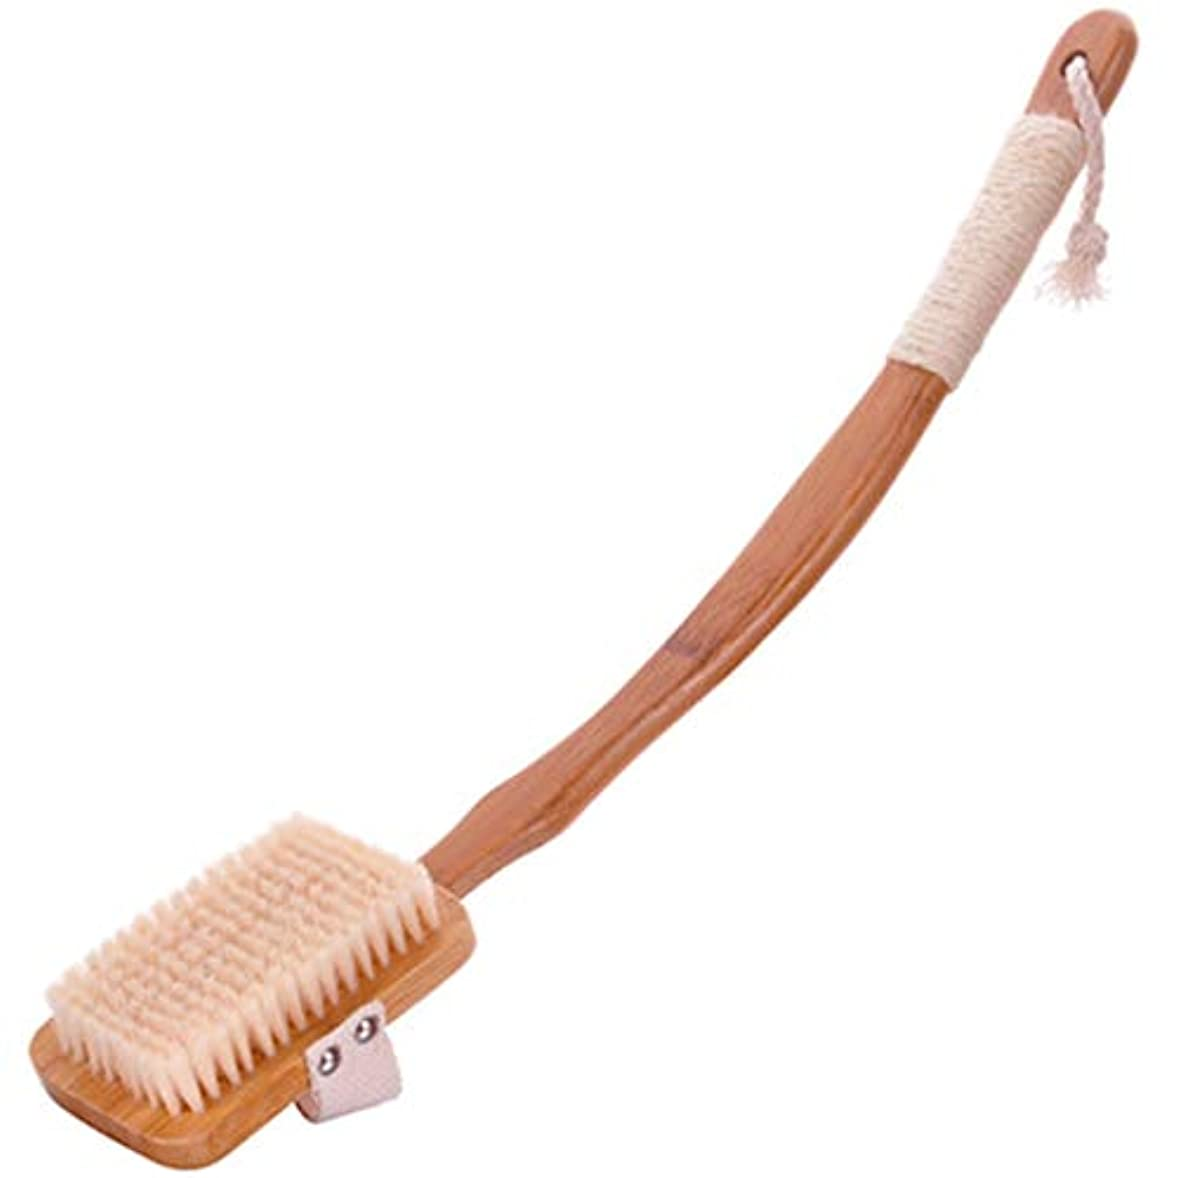 瞑想的拒絶する報酬のバスブラシバックブラシロングハンドルやわらかい毛髪バスブラシバスブラシ角質除去クリーニングブラシ (Color : Wood color)